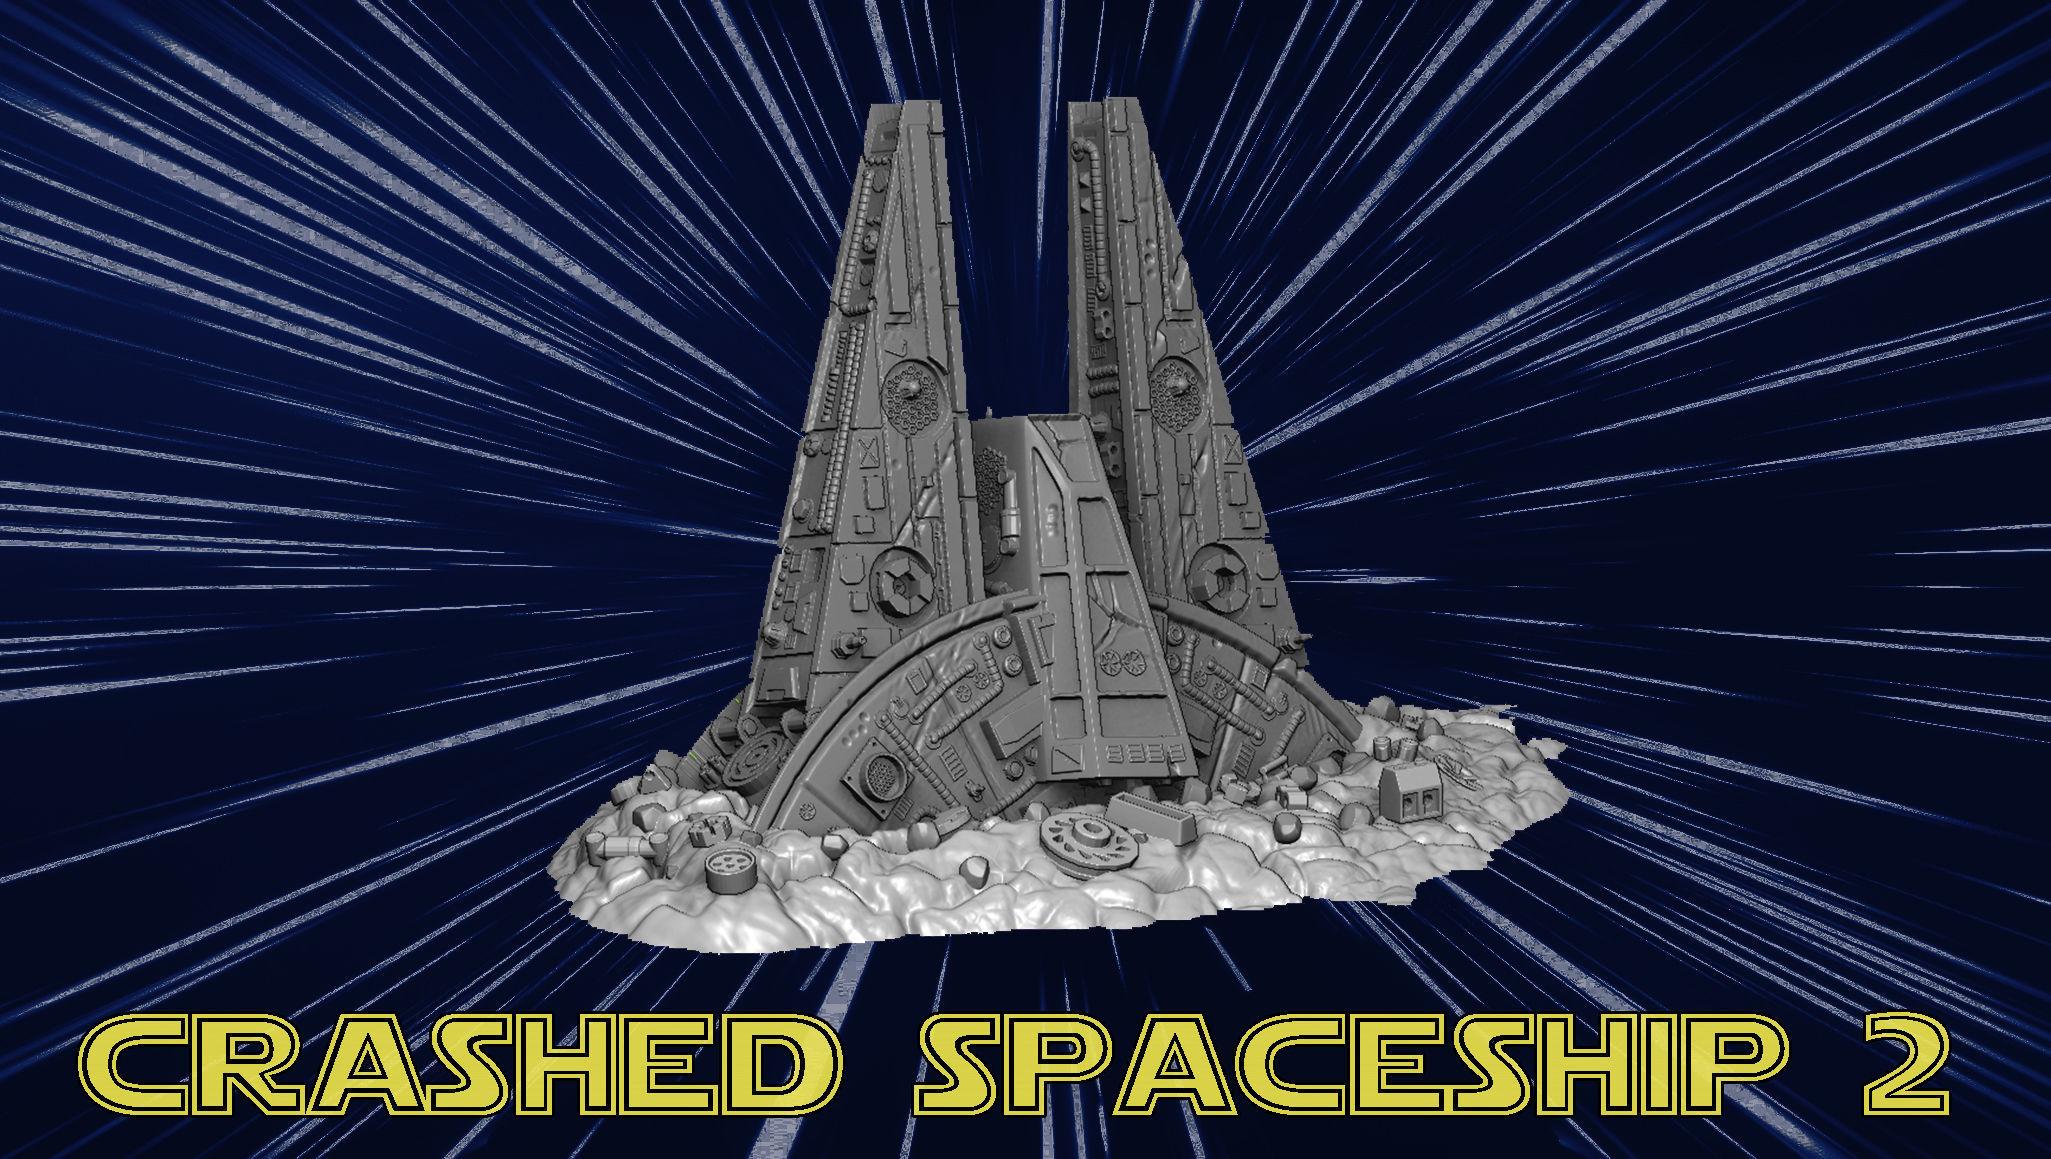 Crashed spaceship 2